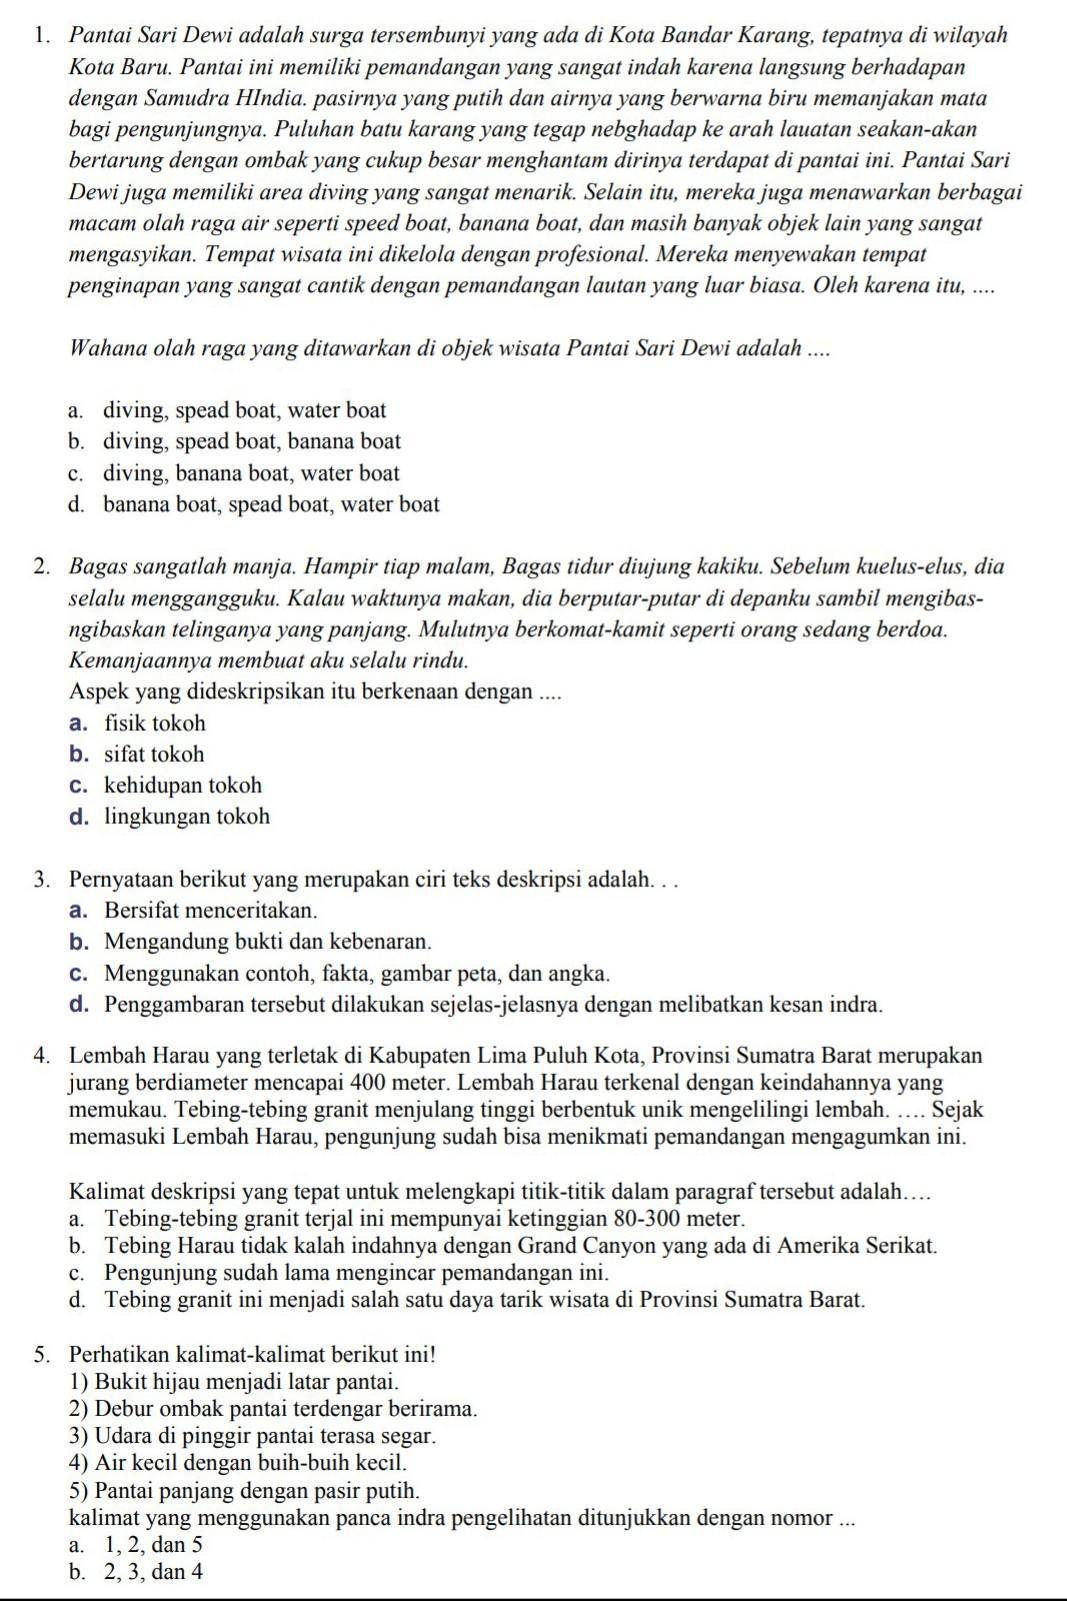 Pernyataan Berikut Yang Merupakan Ciri Teks Deskripsi Adalah : pernyataan, berikut, merupakan, deskripsi, adalah, Wahana, Ojahraga, Ditawarkan, Objek, Wisata, Pantai, Adalah...2., Aspek, Brainly.co.id